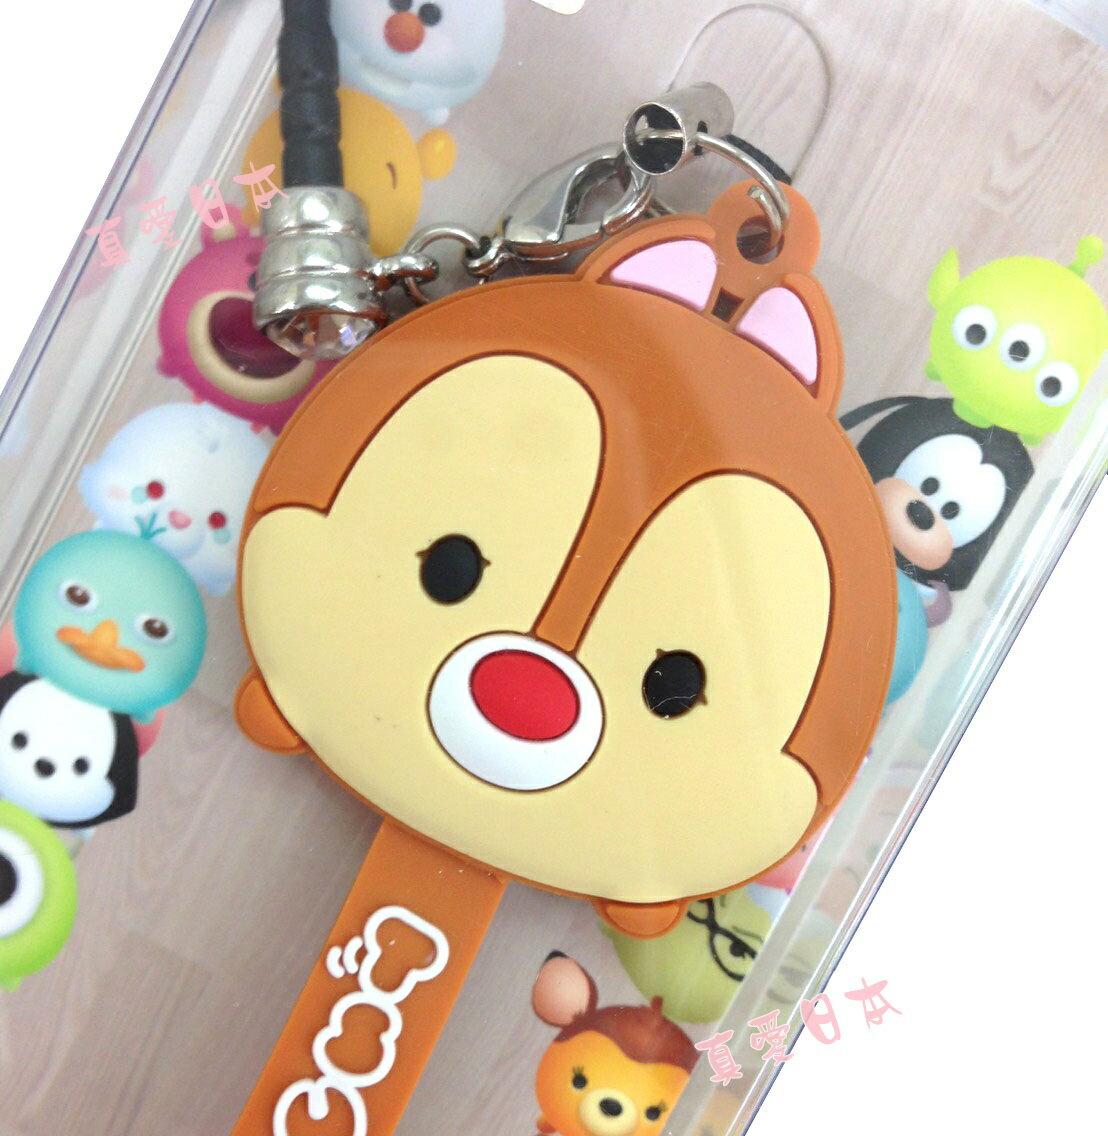 【真愛日本】16072200007吊飾捲線器-蒂蒂  迪士尼 花栗鼠 奇奇蒂蒂 松鼠 耳機集線器 收線器 正品